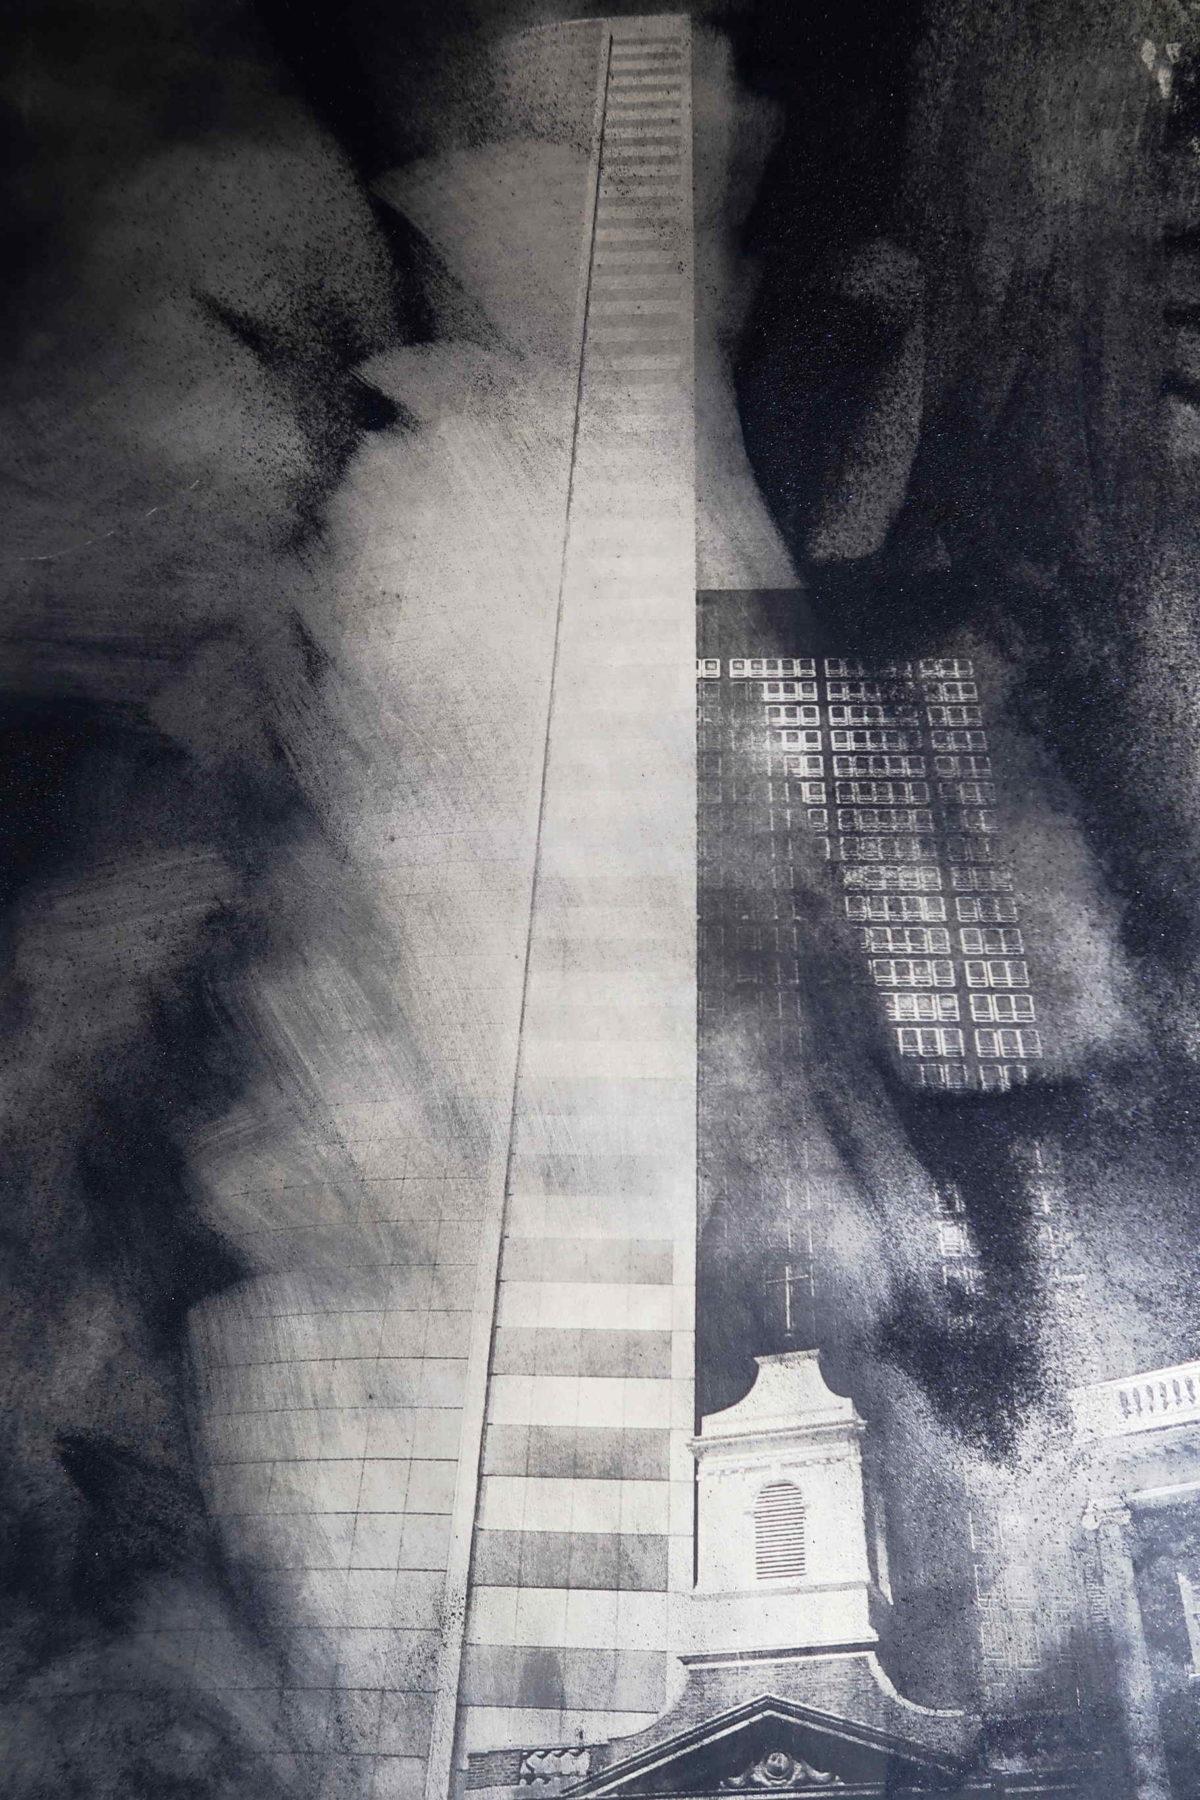 New York photo gallery. Skyscraper photo fine art